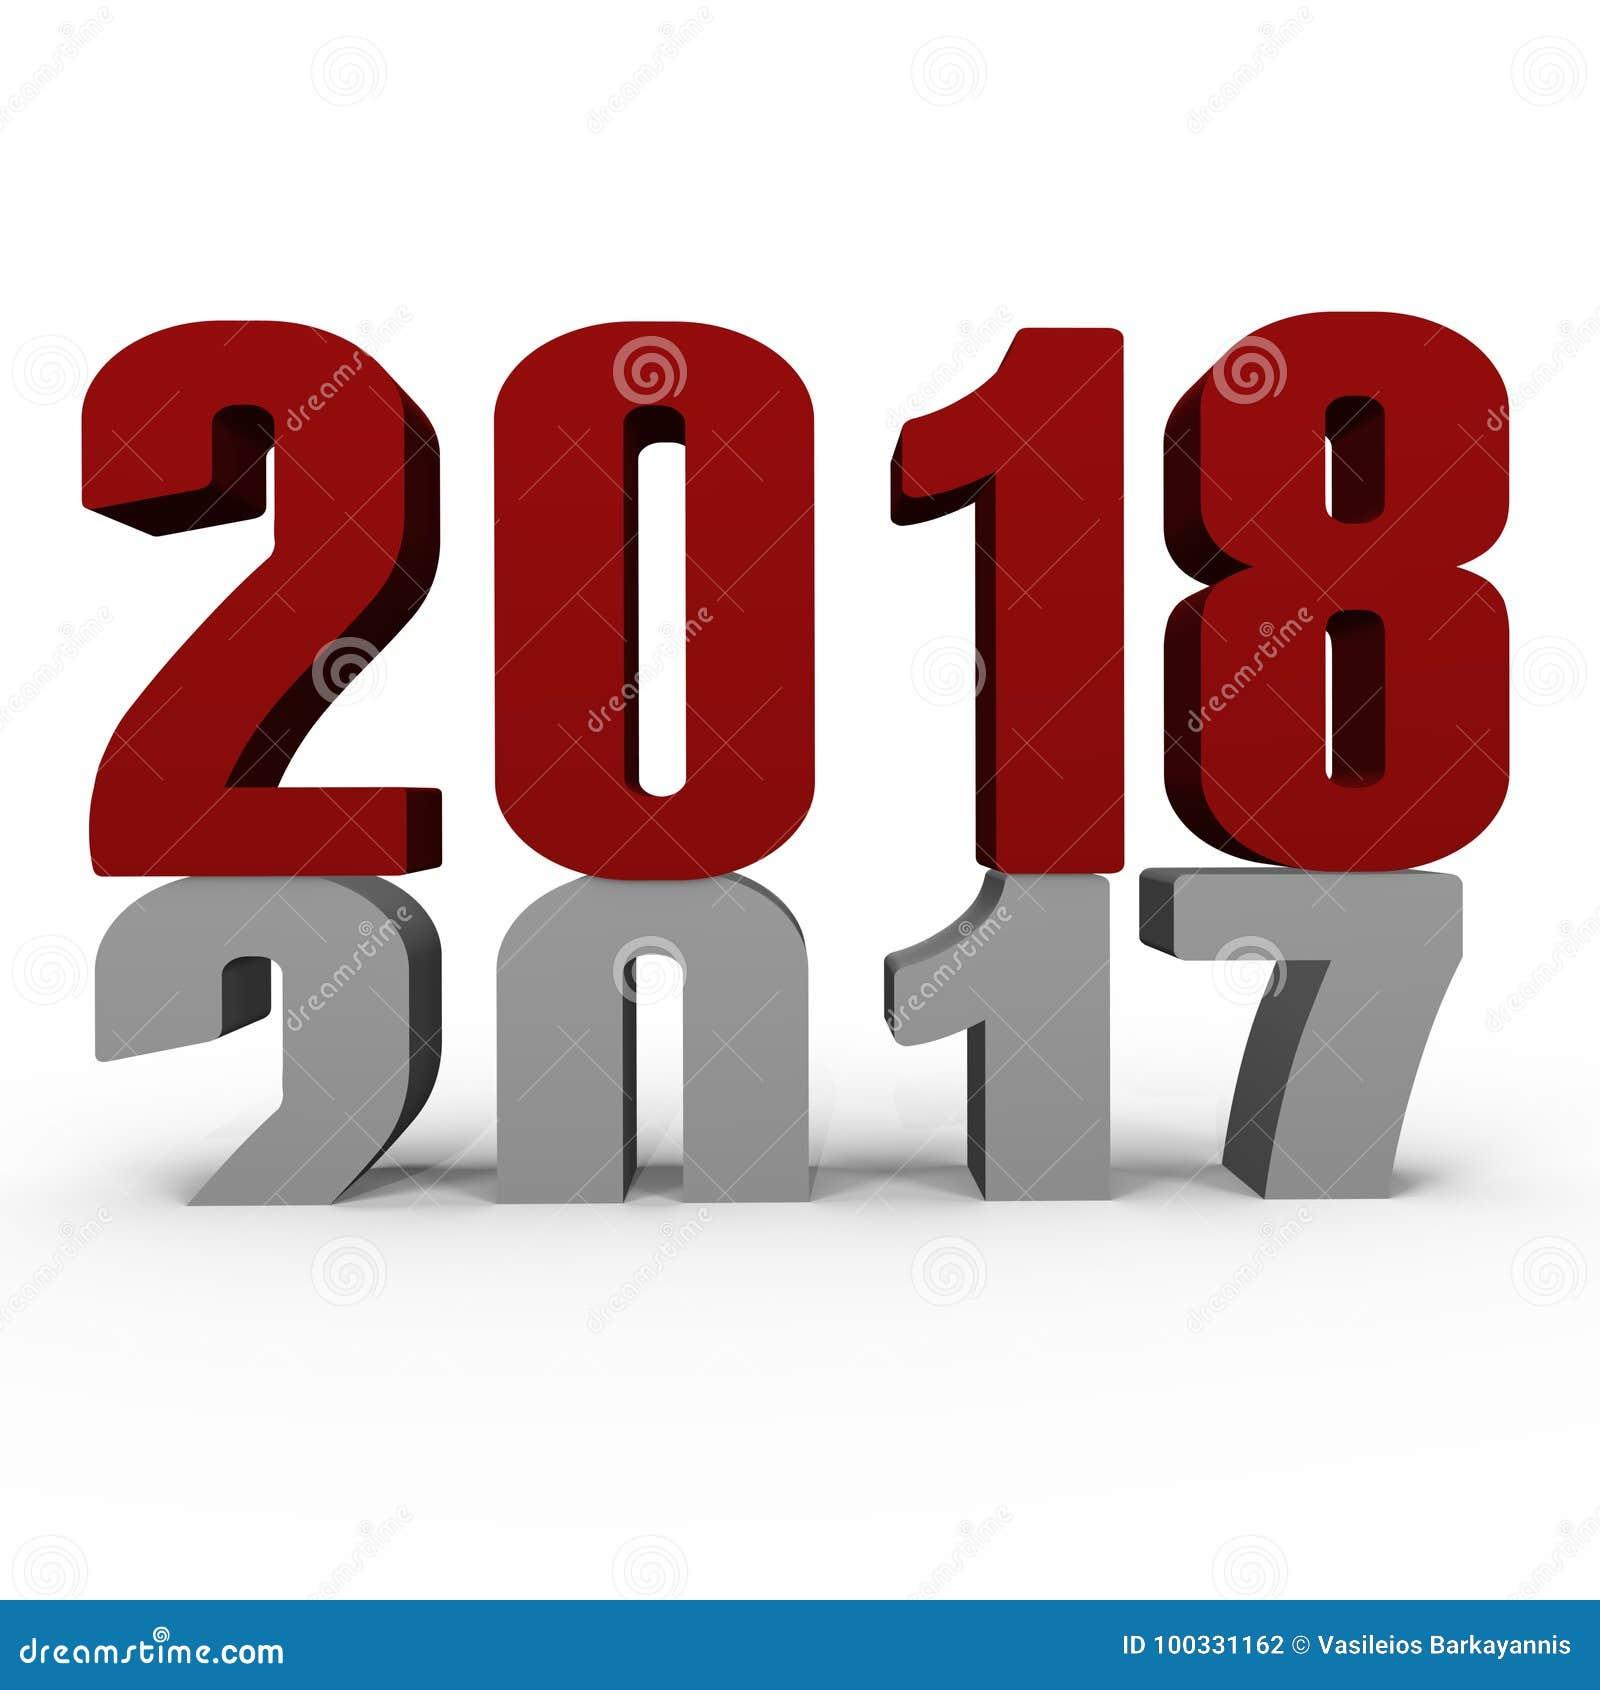 Nowy Rok 2018 pcha 2017 puszków - 3d wizerunek